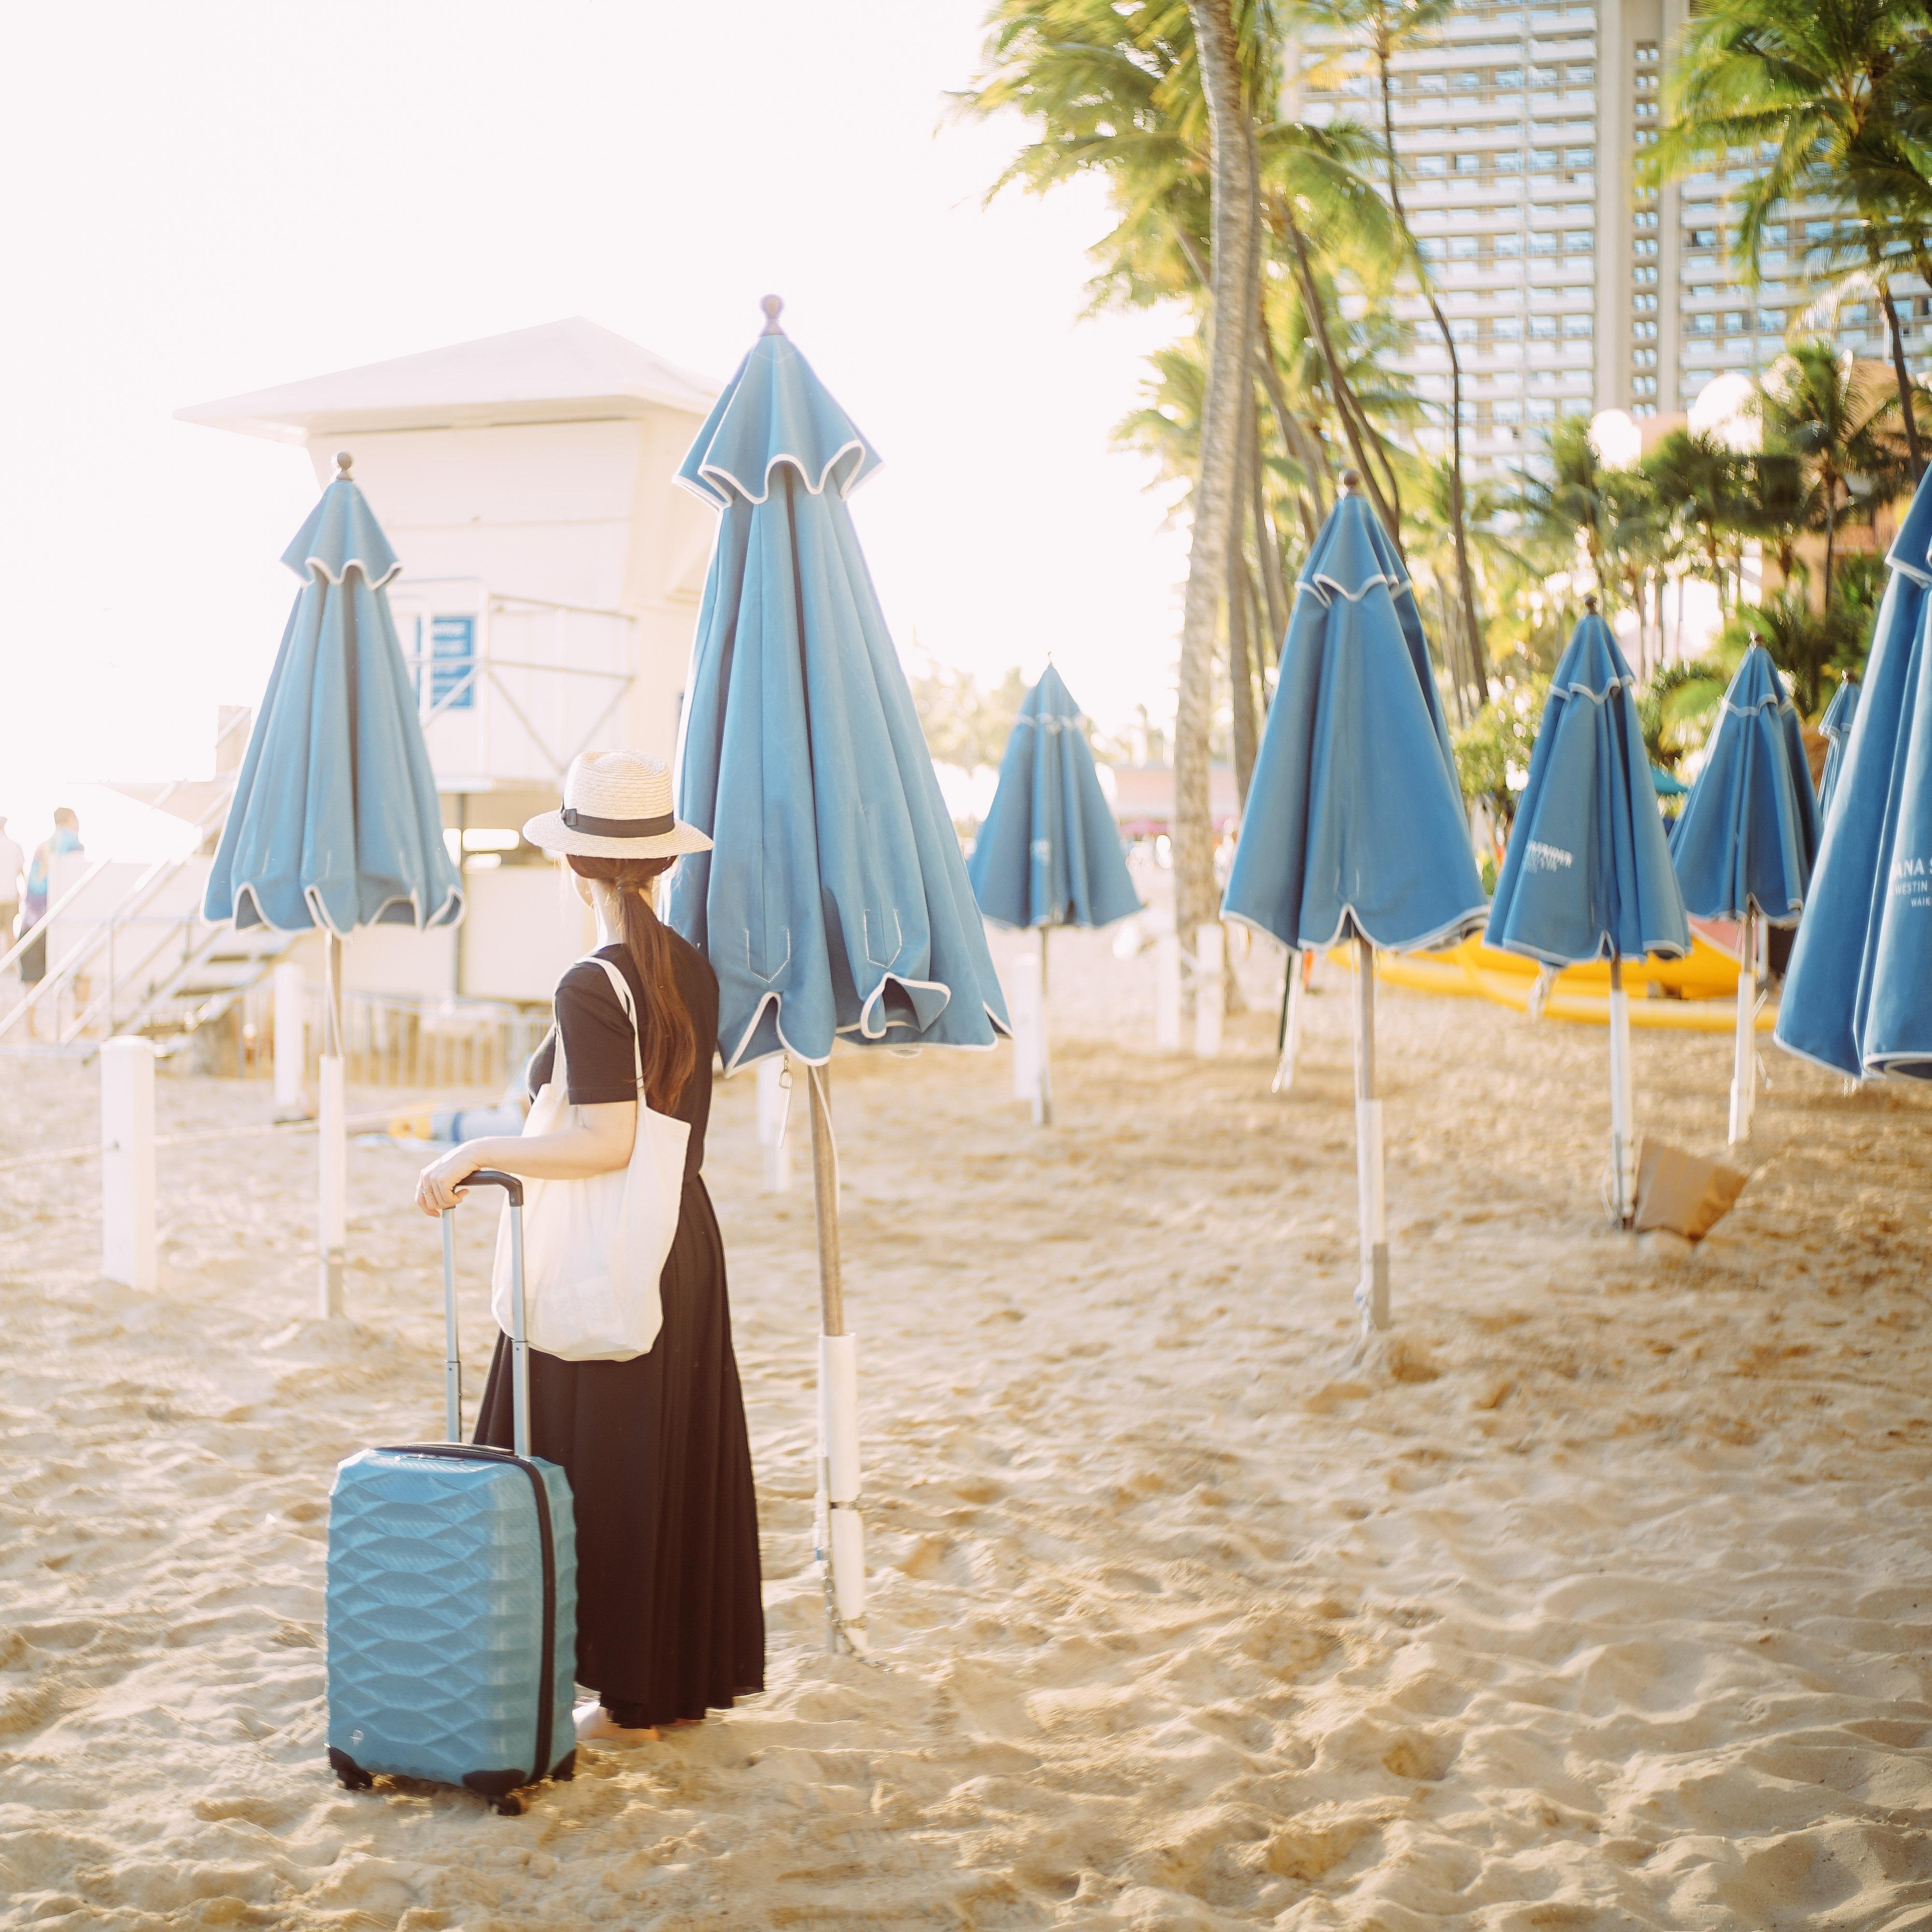 水色のスーツケースを持つ女性